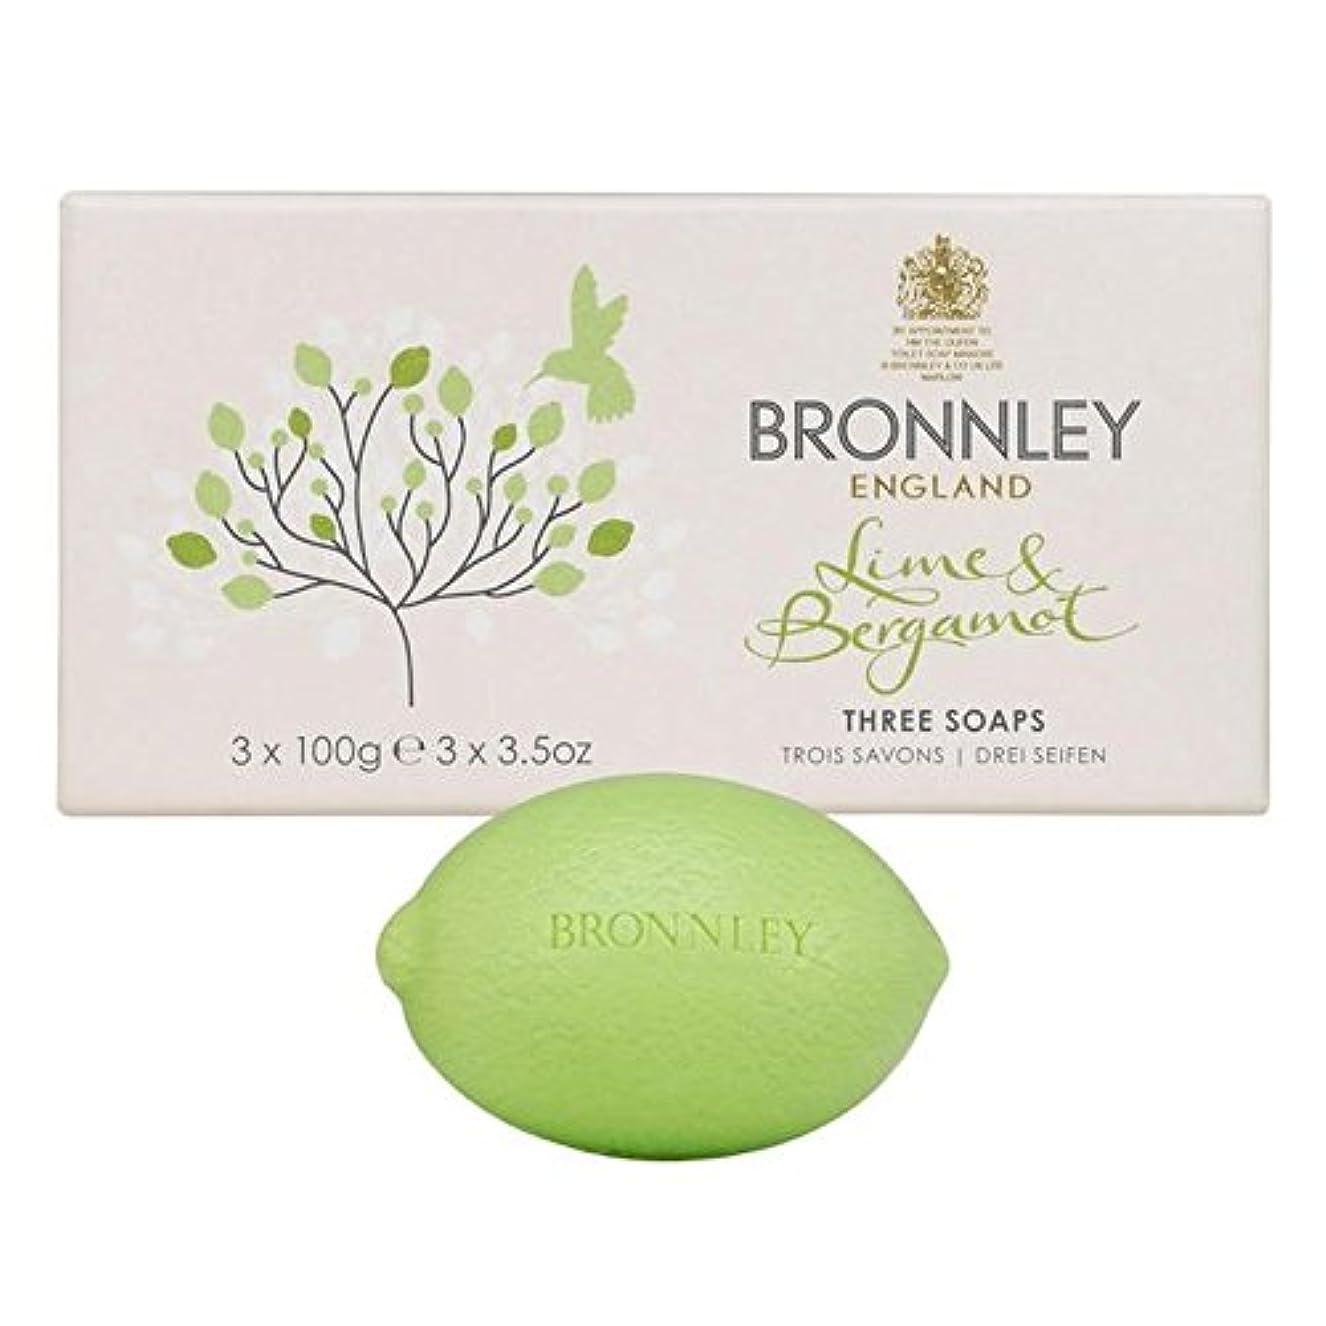 ソーセージ極小苦しめるライム&ベルガモット石鹸3×100グラム x2 - Bronnley Lime & Bergamot Soap 3 x 100g (Pack of 2) [並行輸入品]